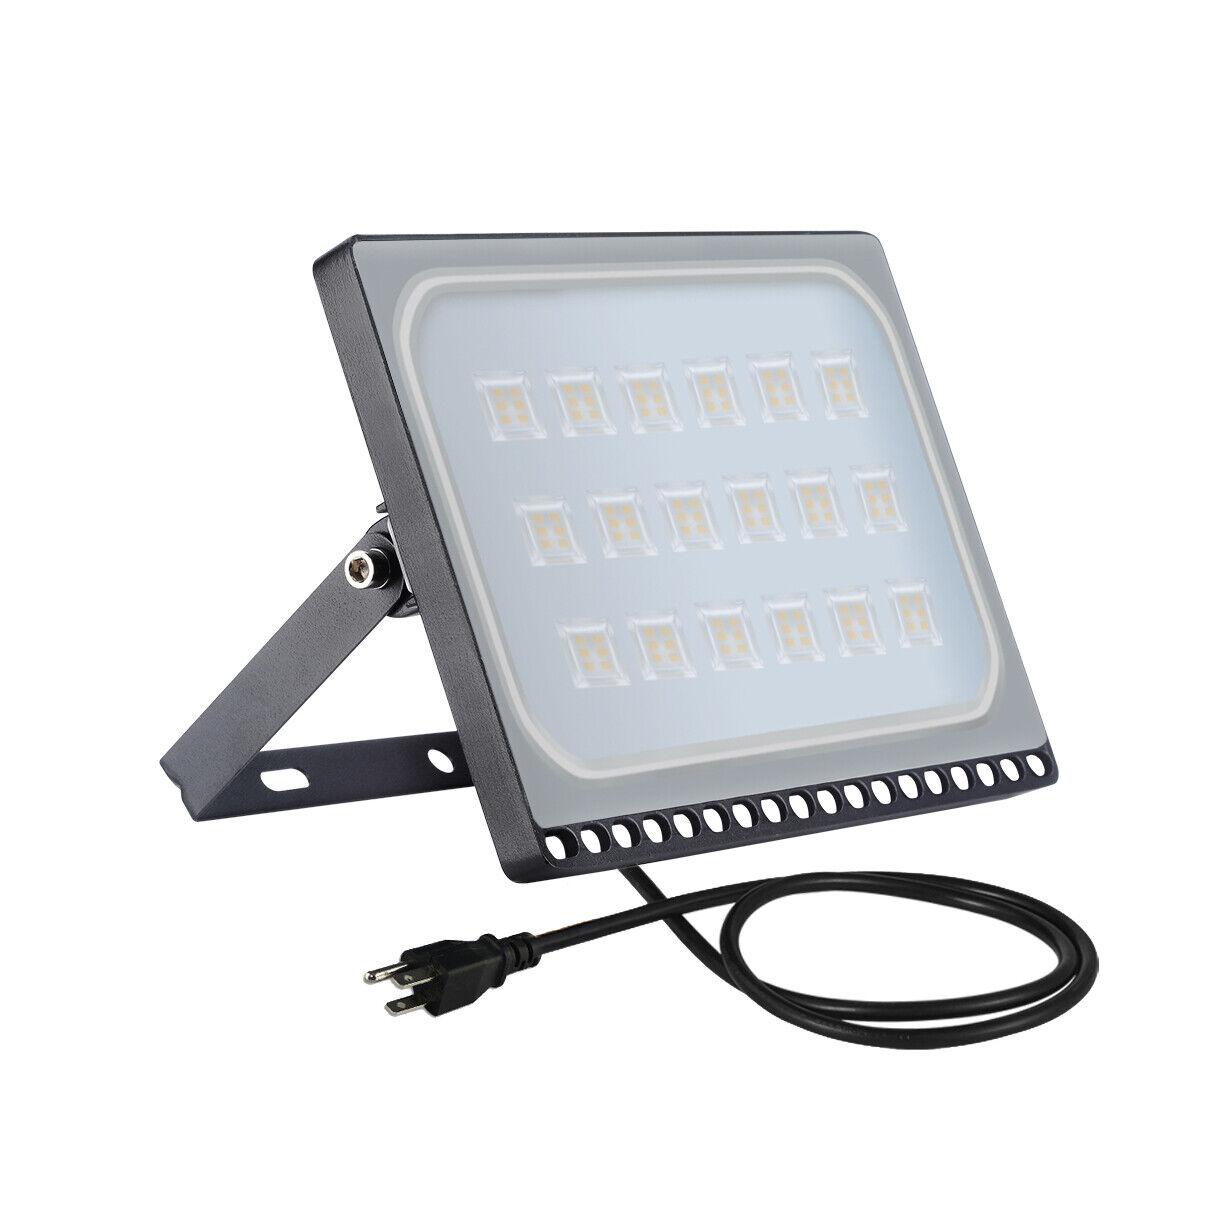 Energy Efficient Flood Lights Indoor: 5X 100 Watt Slim LED Flood Lights Warm White Indoor